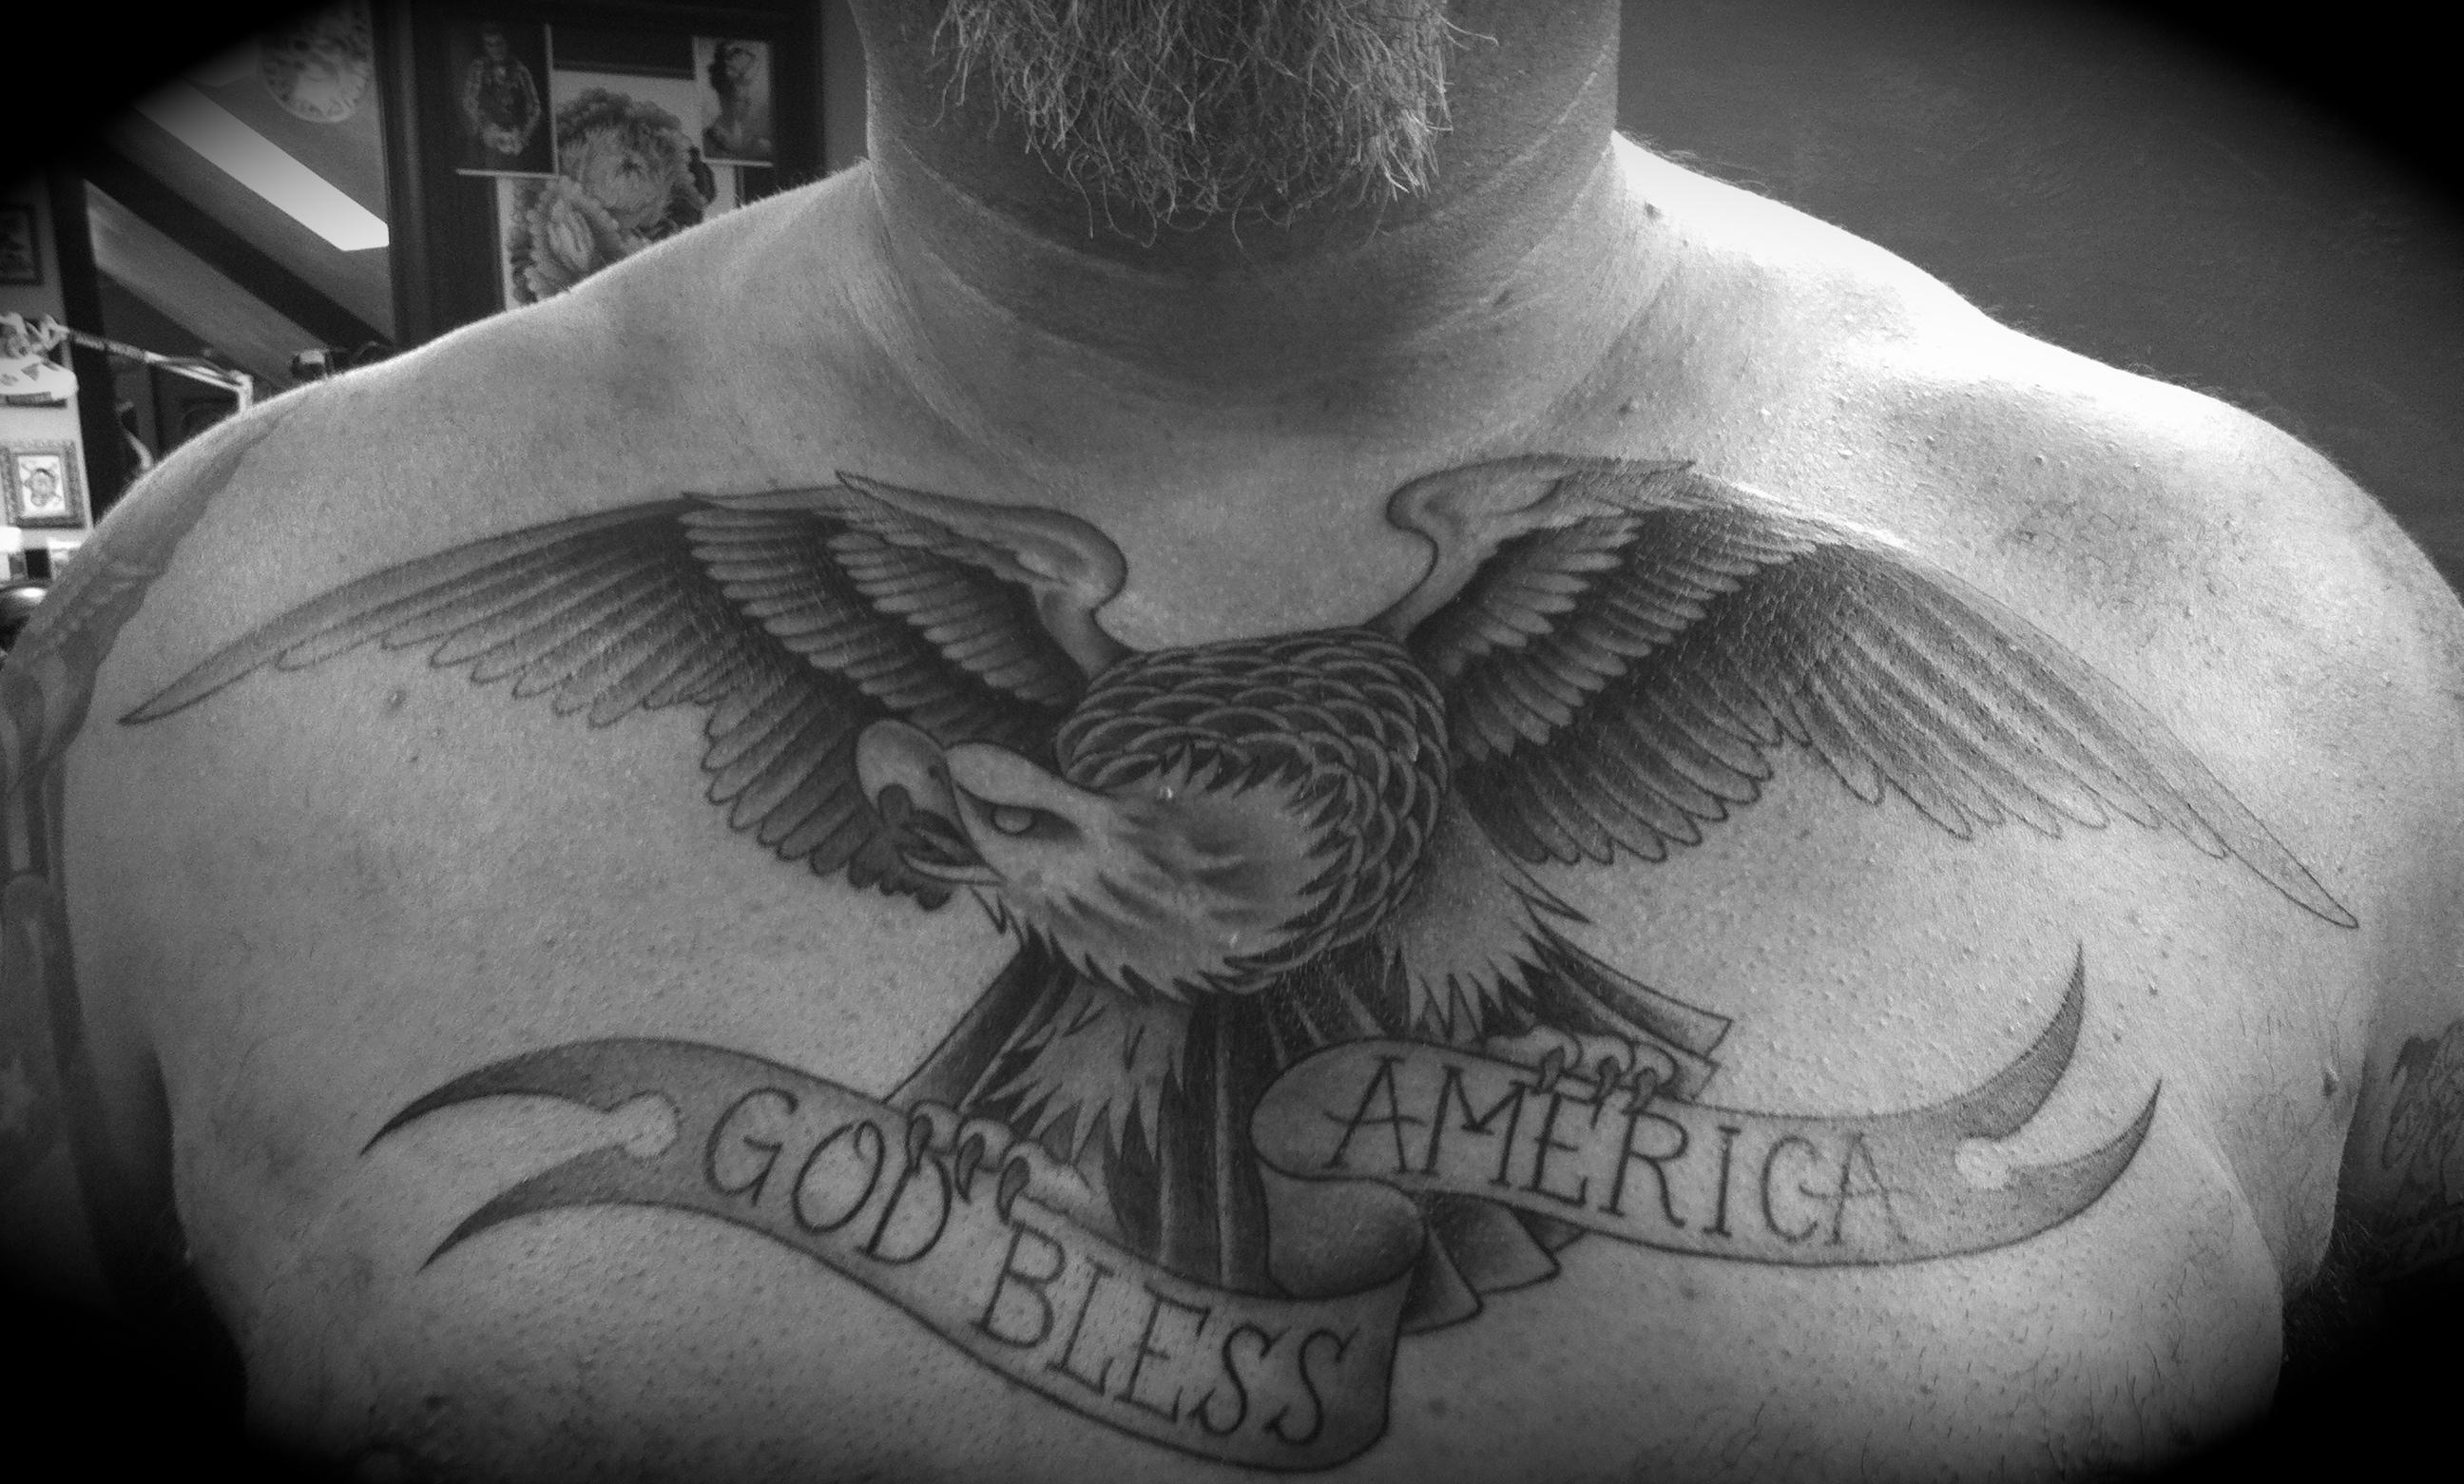 Eagle cobra custom tattoo for Black eagle tattoo shop